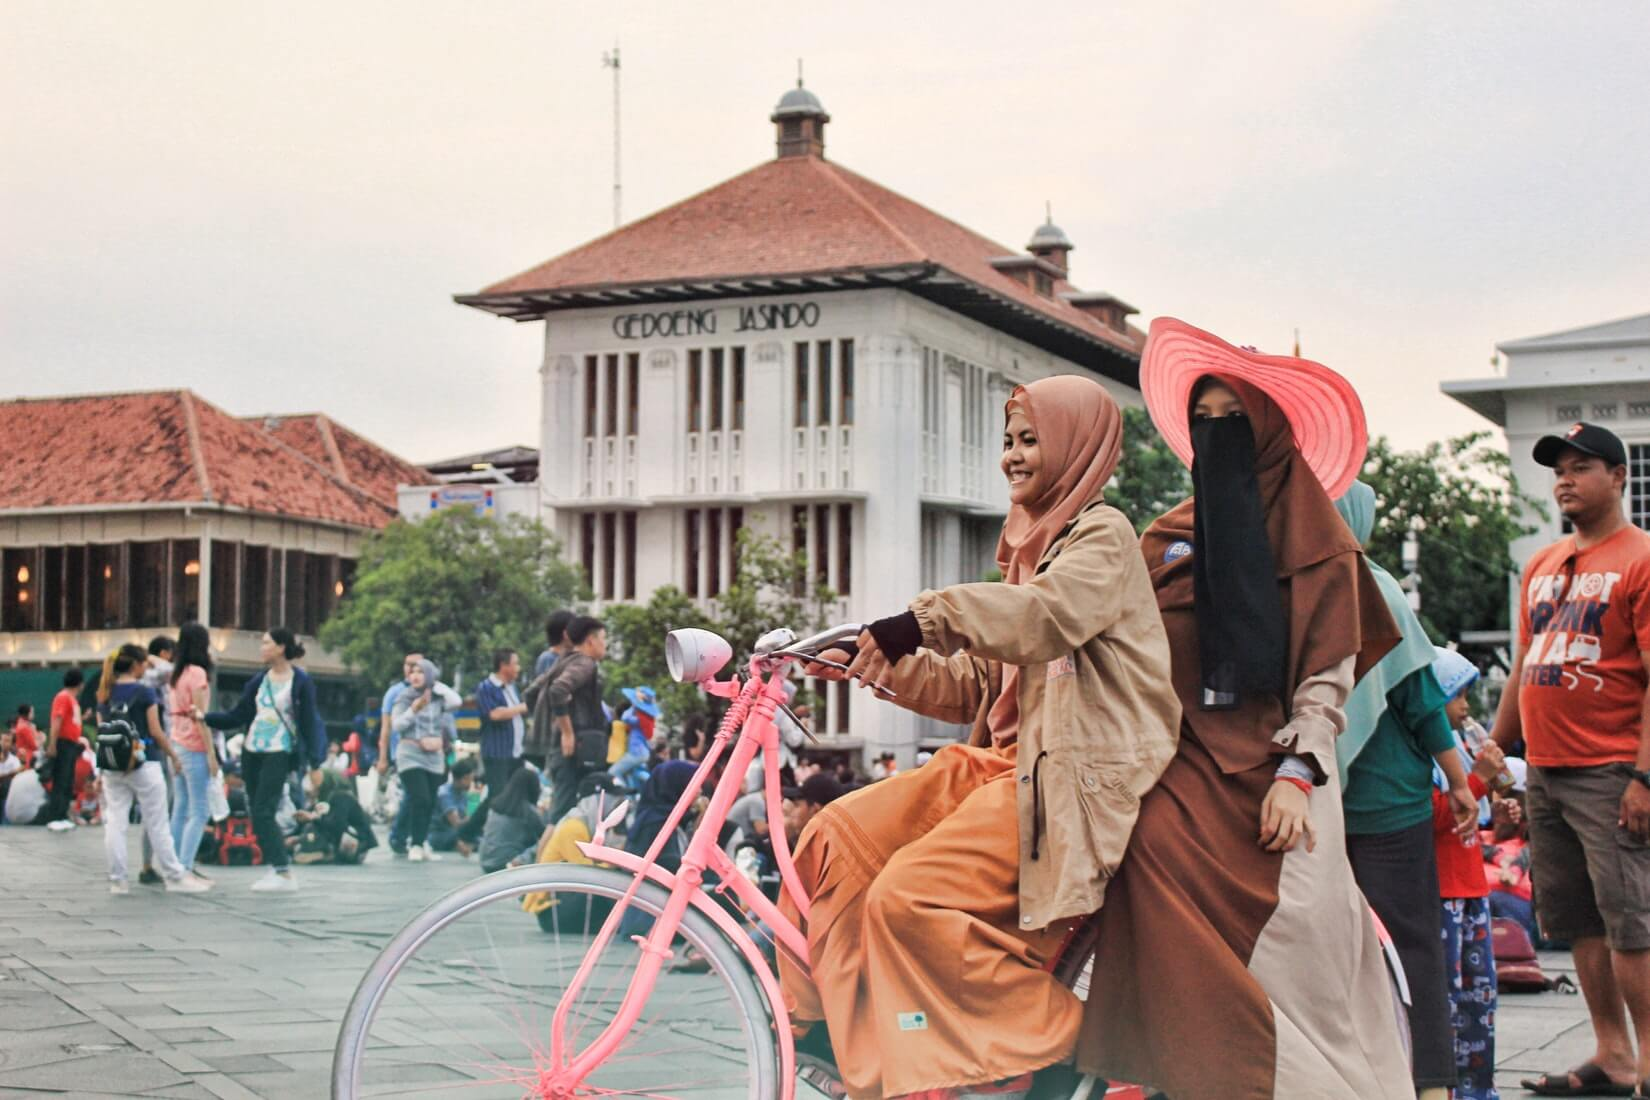 ジャカルタで自転車に乗る女性の画像